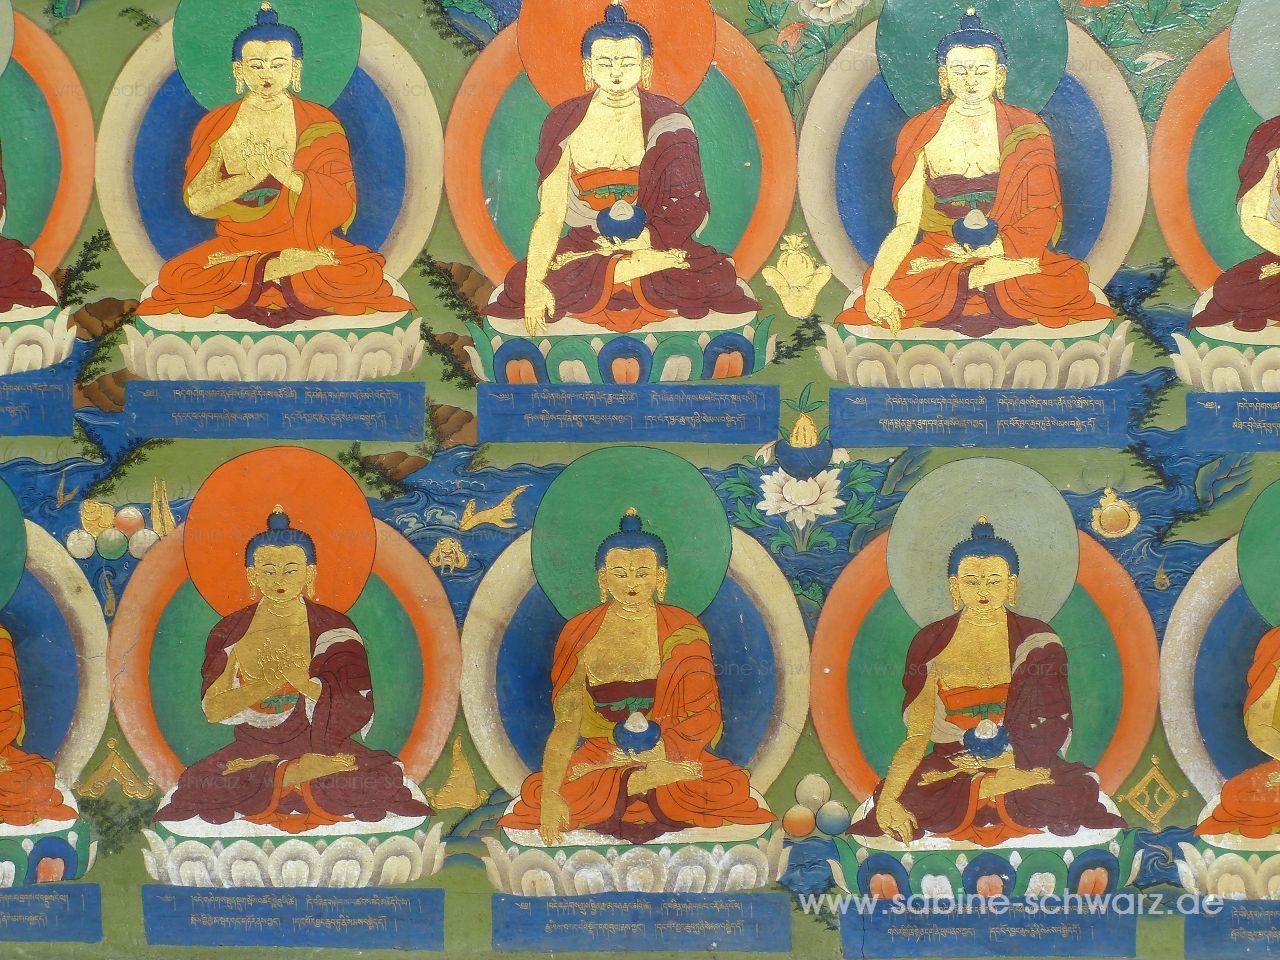 Buddhabilder aus Kloster in Tibet fotografiert von Sabine Schwarz